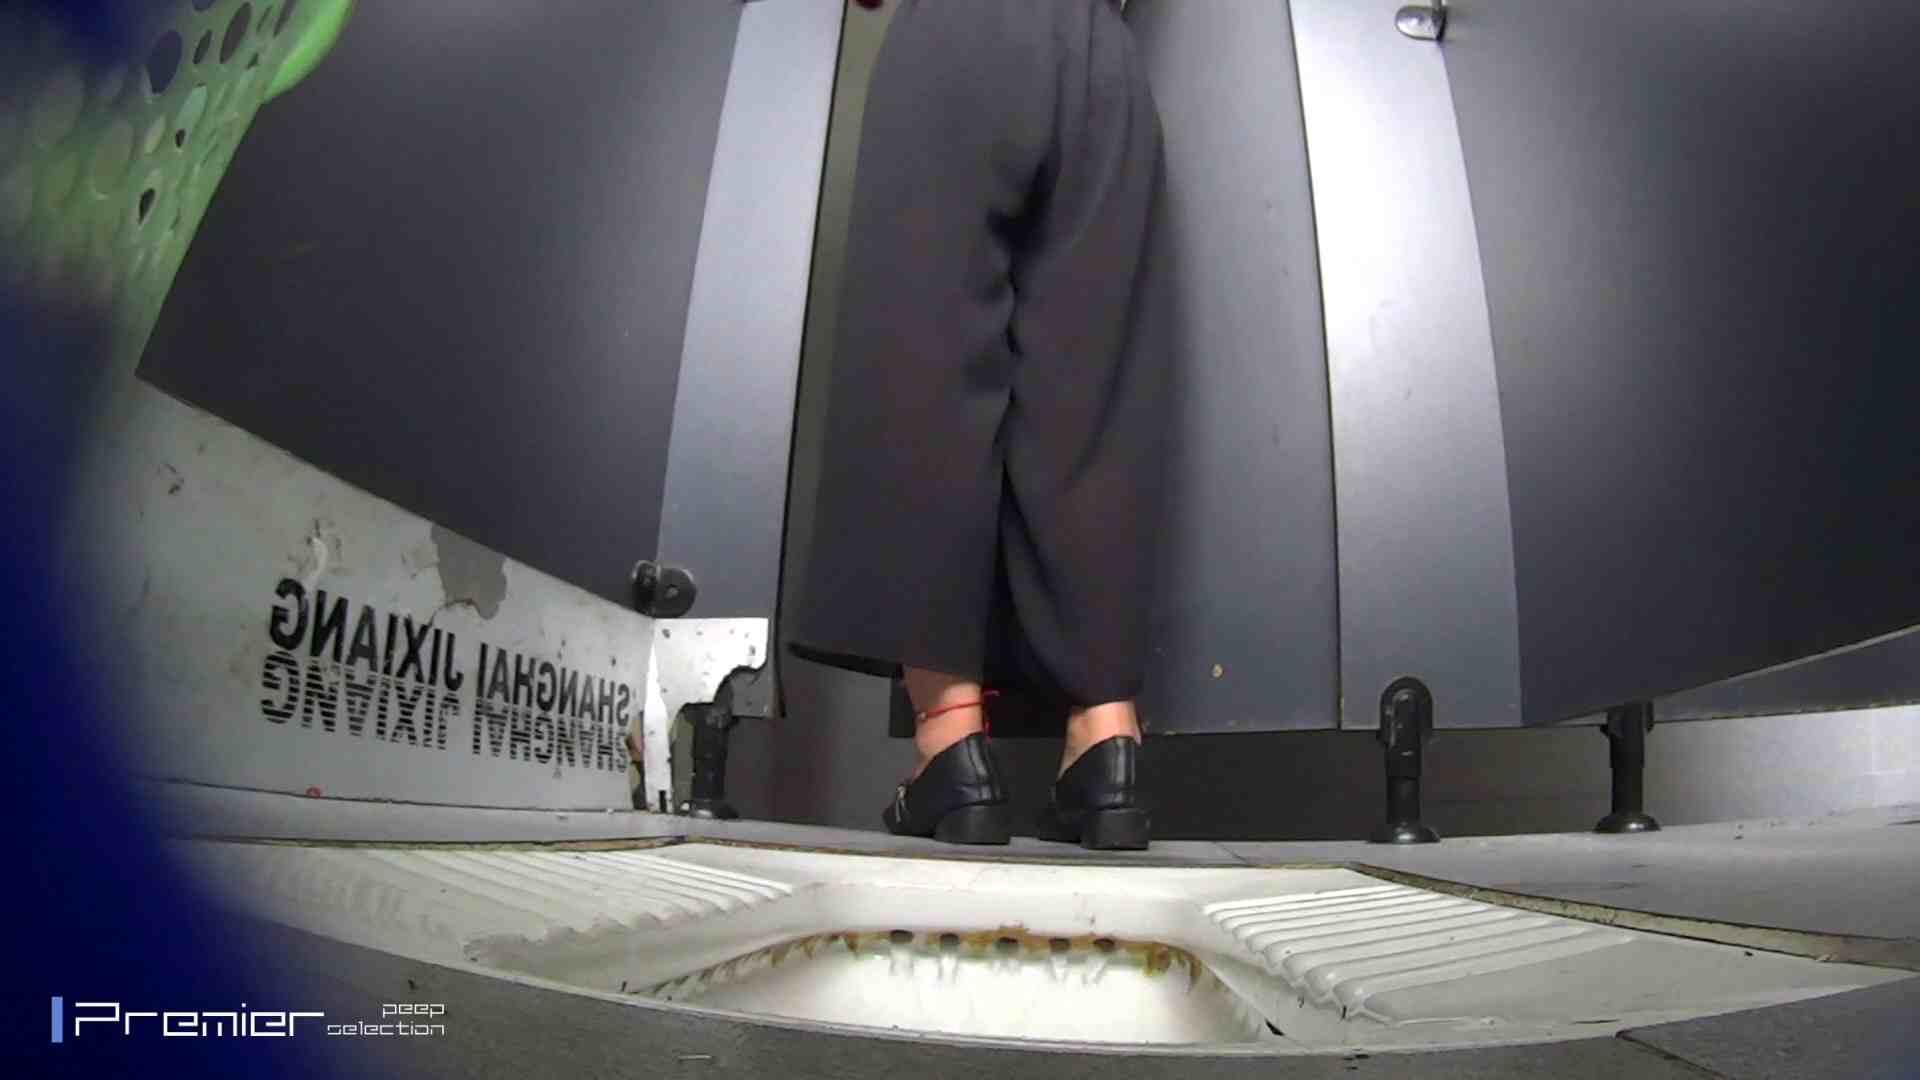 夏全開!ハーフパンツのギャル達 大学休憩時間の洗面所事情44 盗撮  70PIX 16